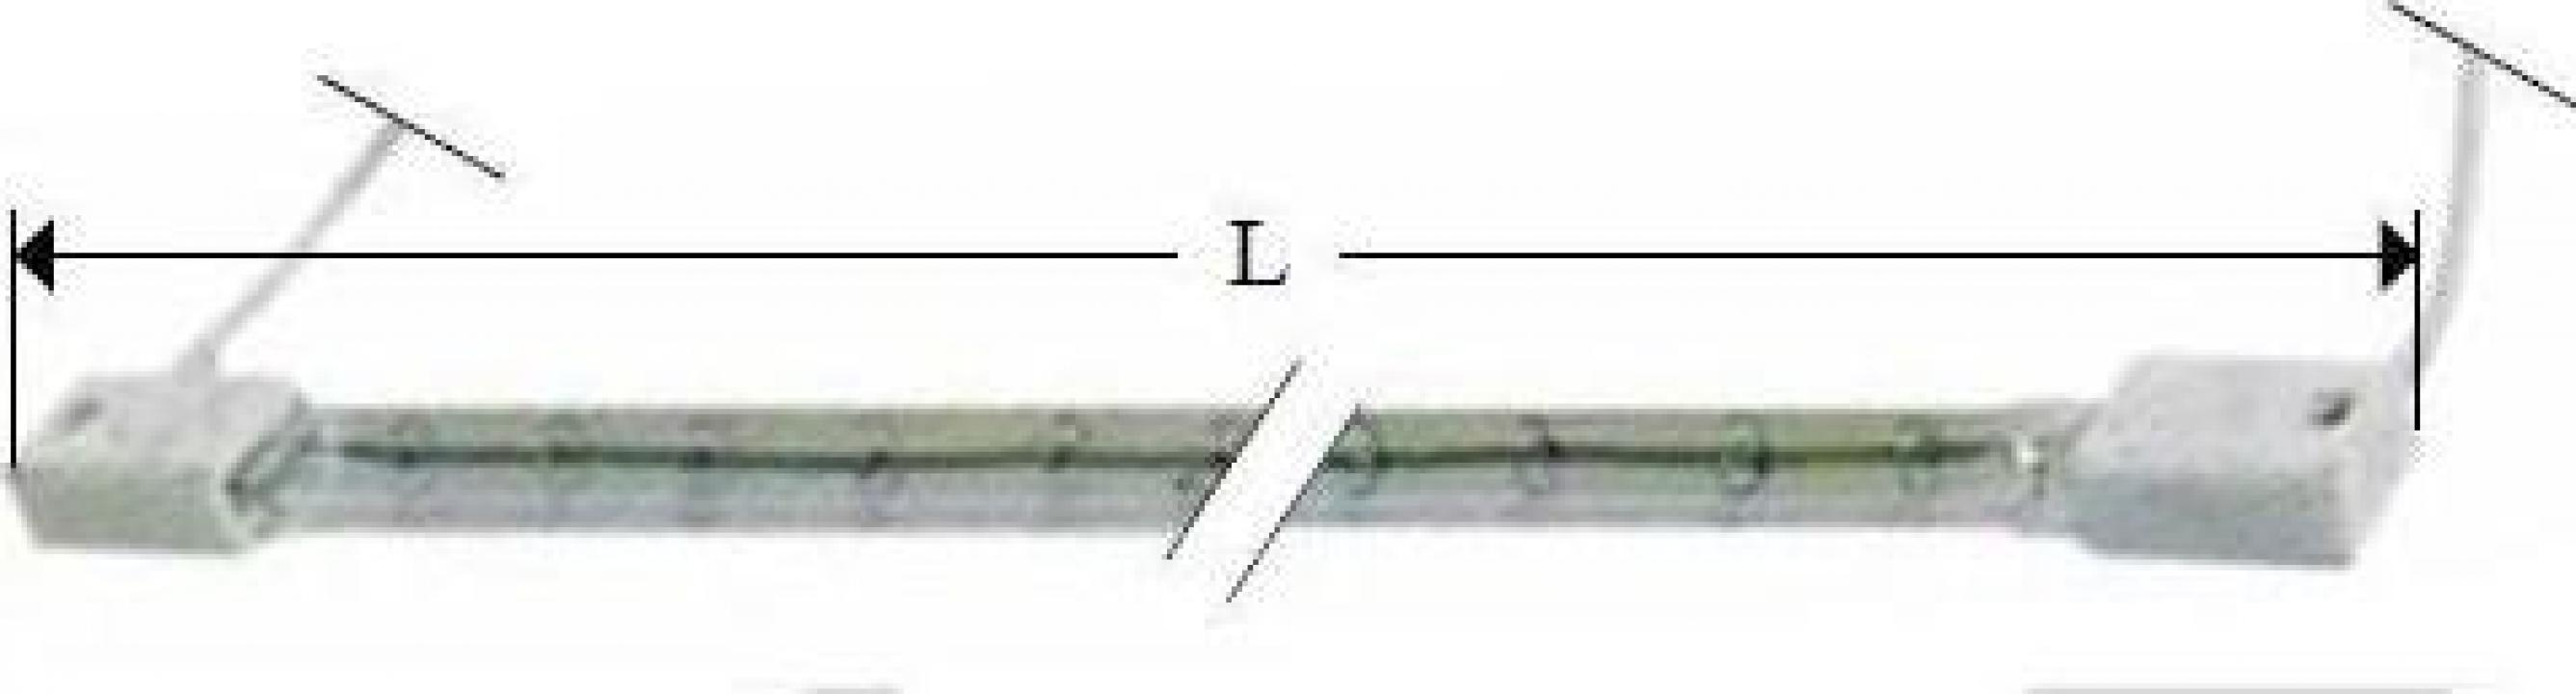 Lampa infrarosu, 220-250V, 1000W, L349mm